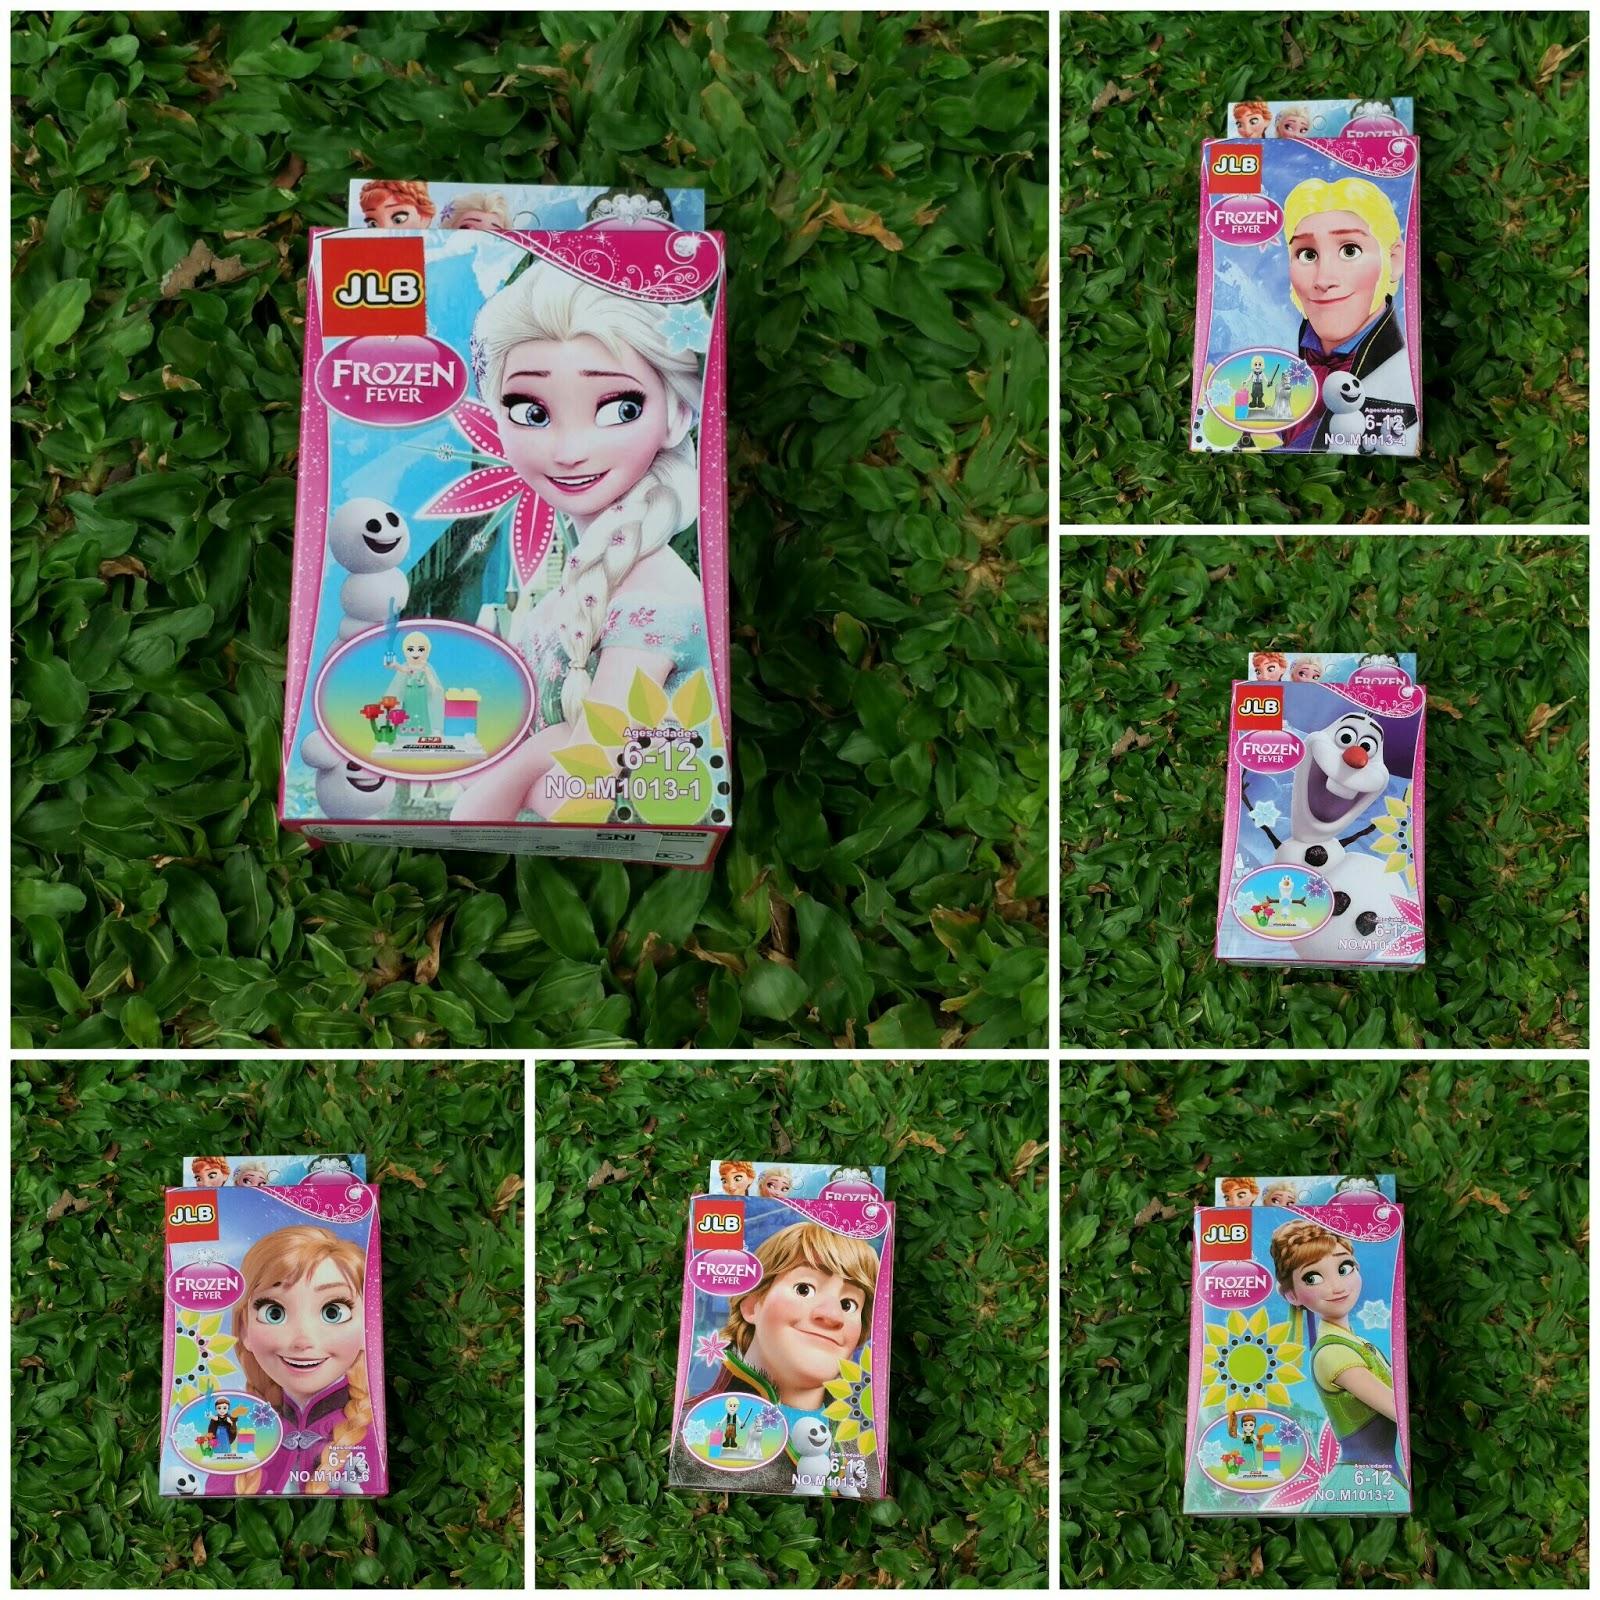 Frozen Fever JLB, Lego Frozen, Lego Frozen Fever, Lego Ana, Lego Elsa, Lego kristof, lego sven, lego olaf, pernak pernik frozen, mainan anak, mainan lego